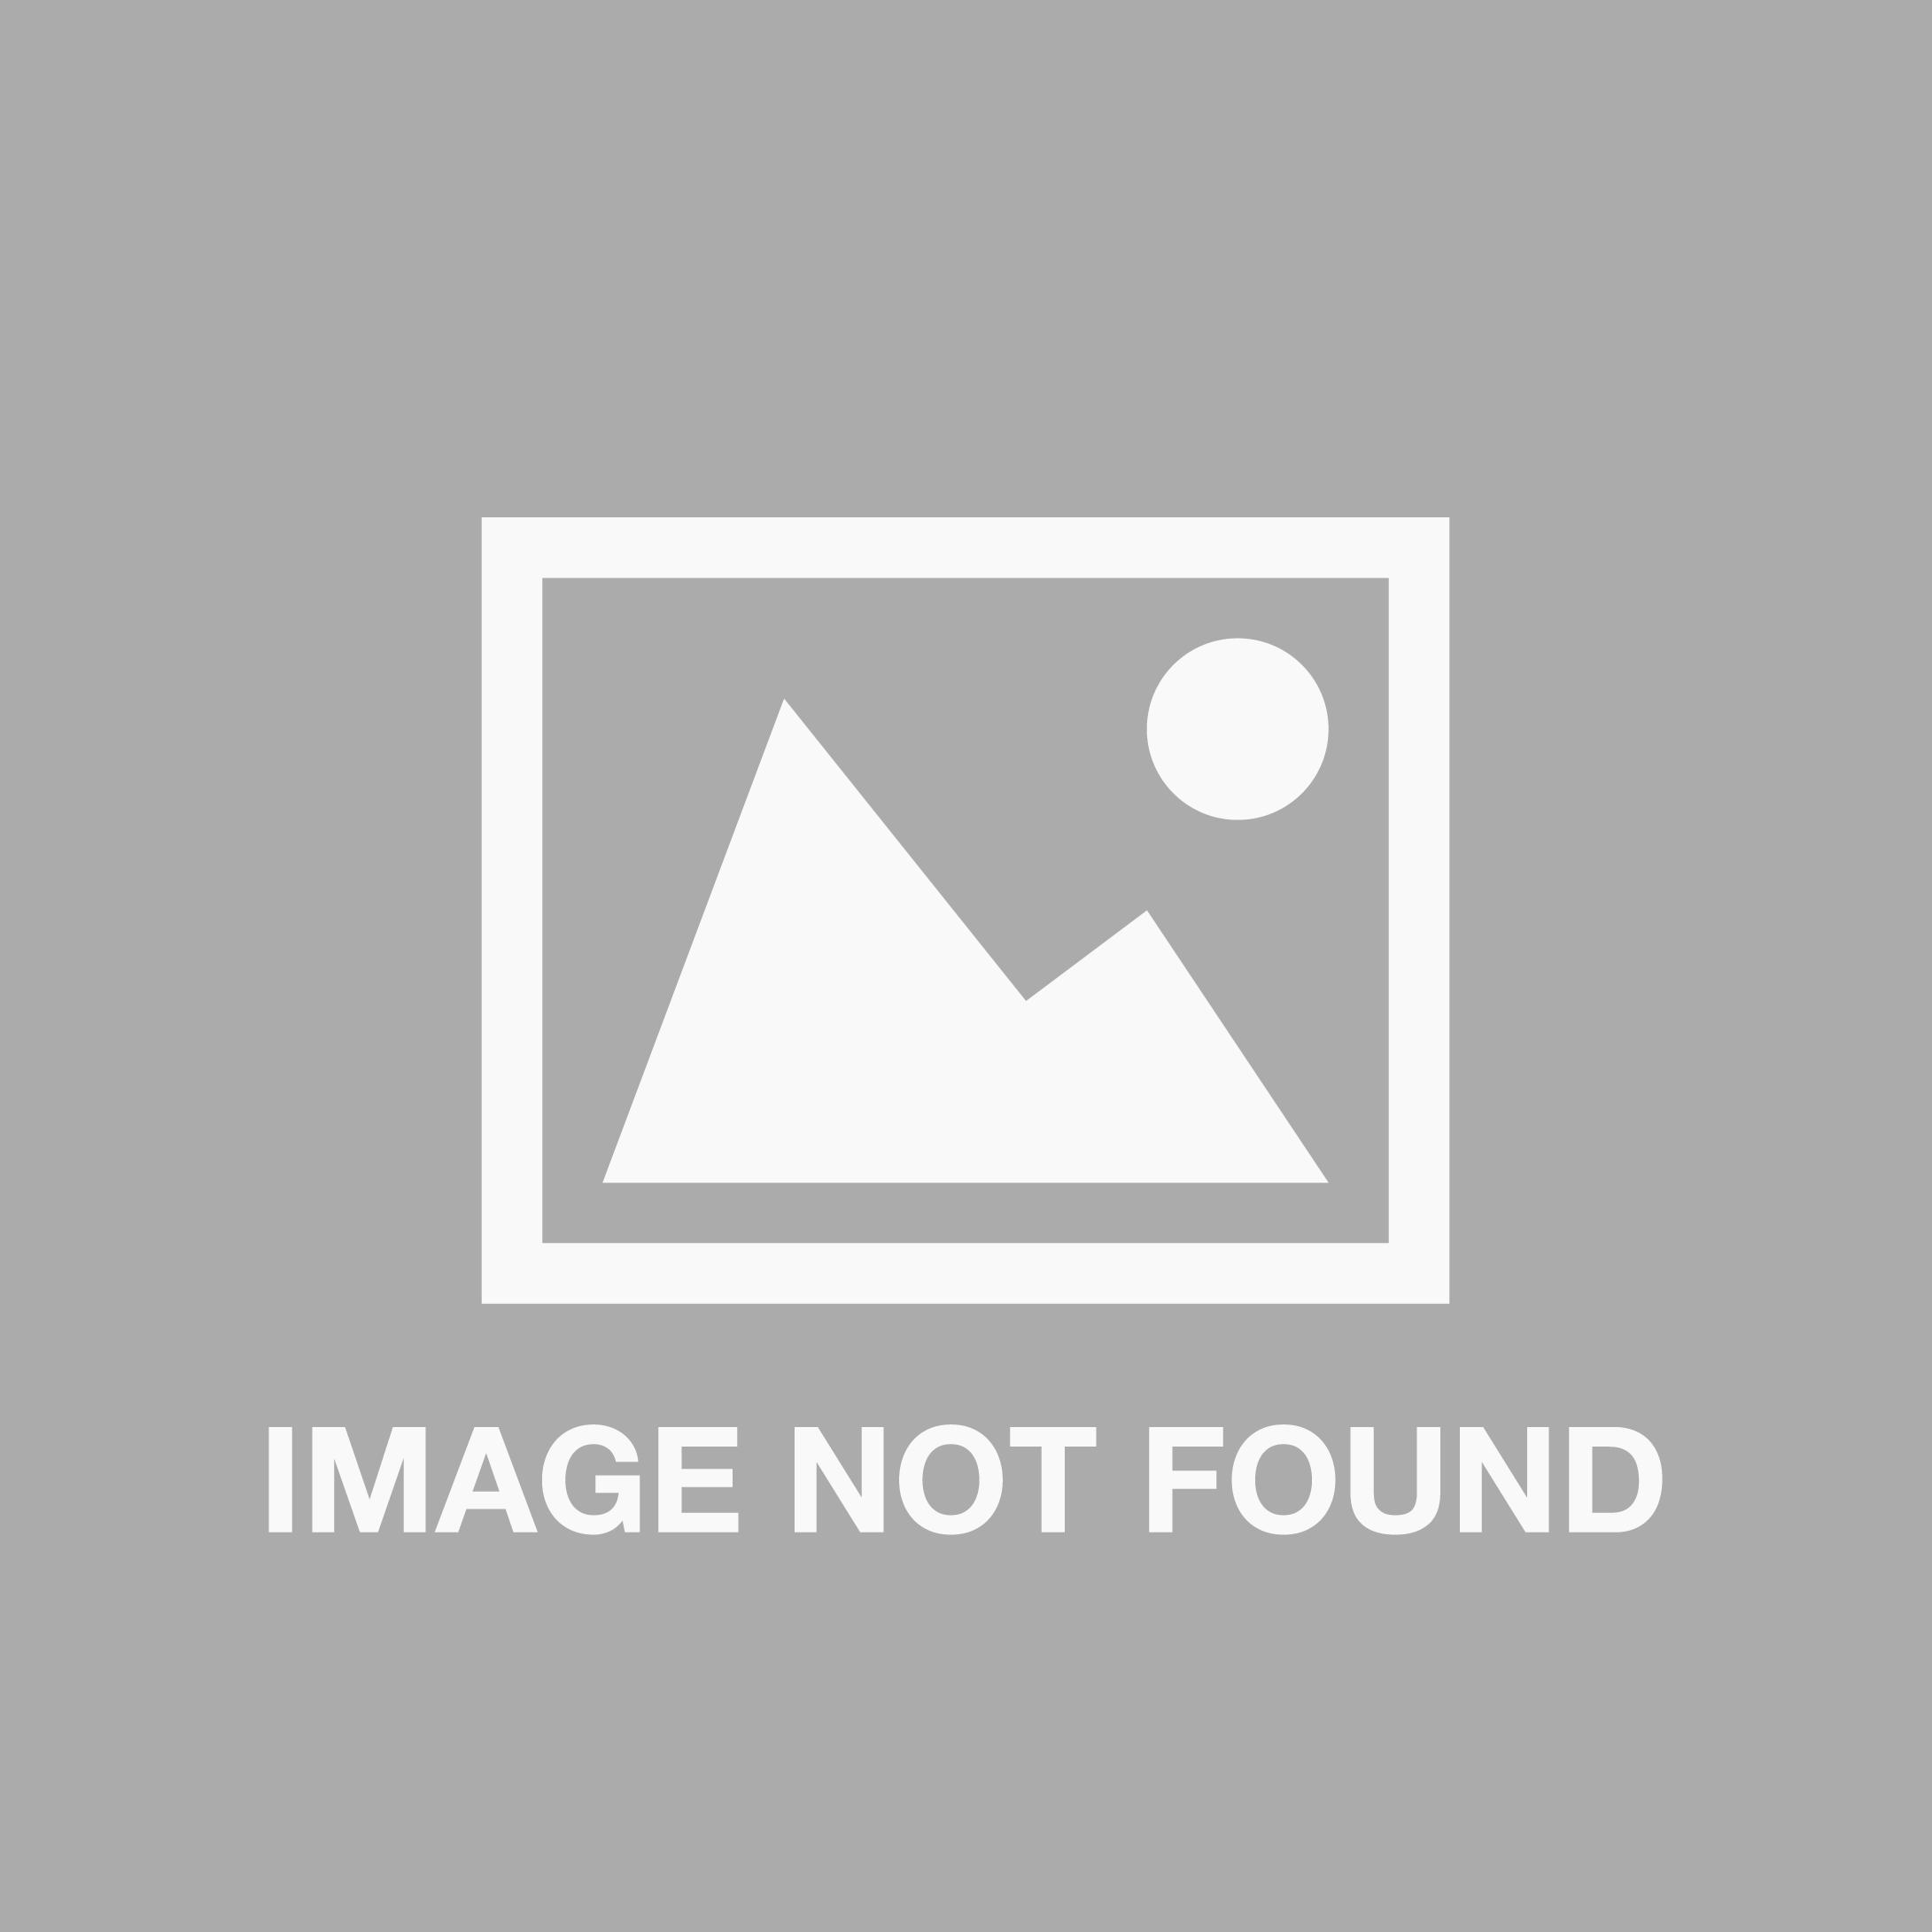 REIMA Kilppari 518583 Fuchsia Pink 44-46